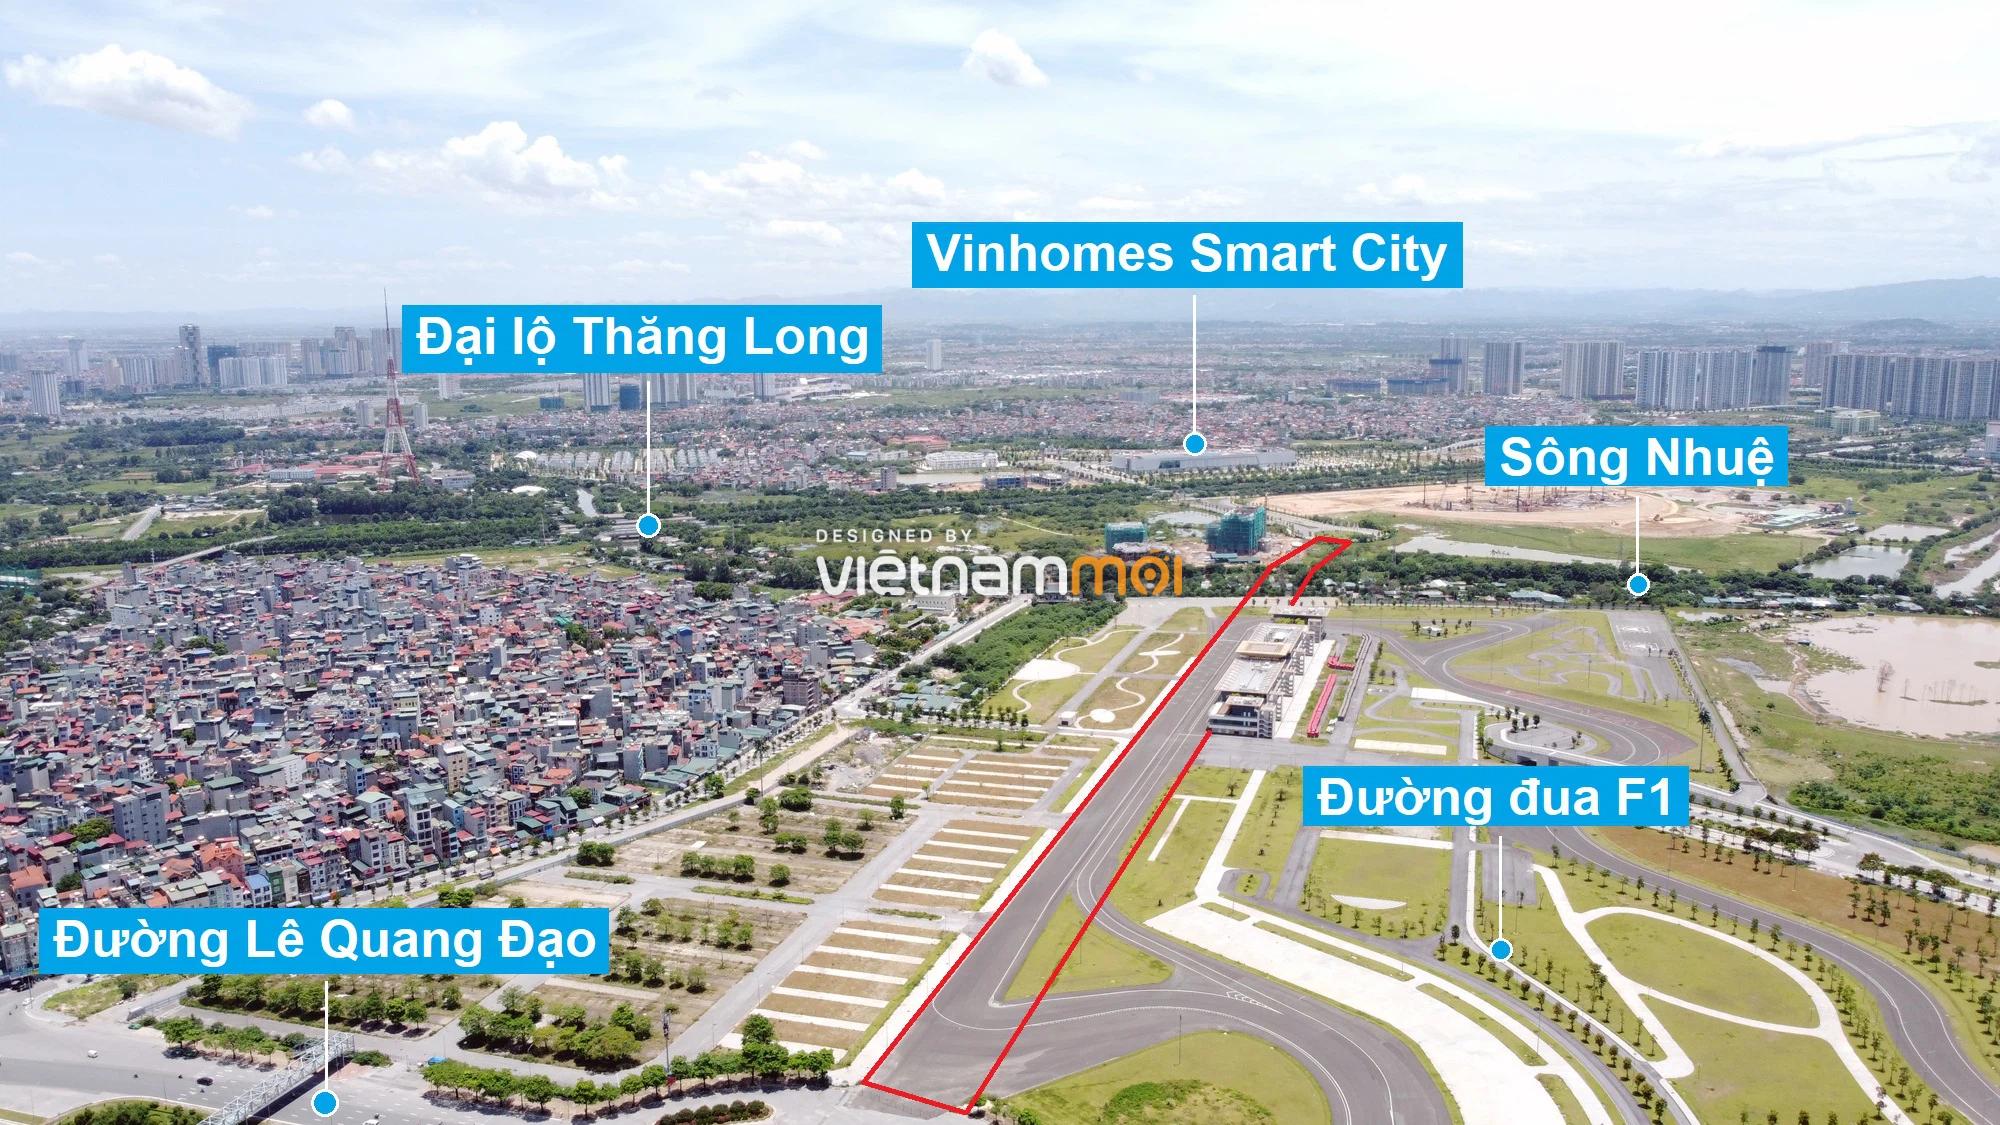 Đường sẽ mở theo quy hoạch xung quanh khu đô thị Vinhomes Smart City (phần 3) - Ảnh 2.